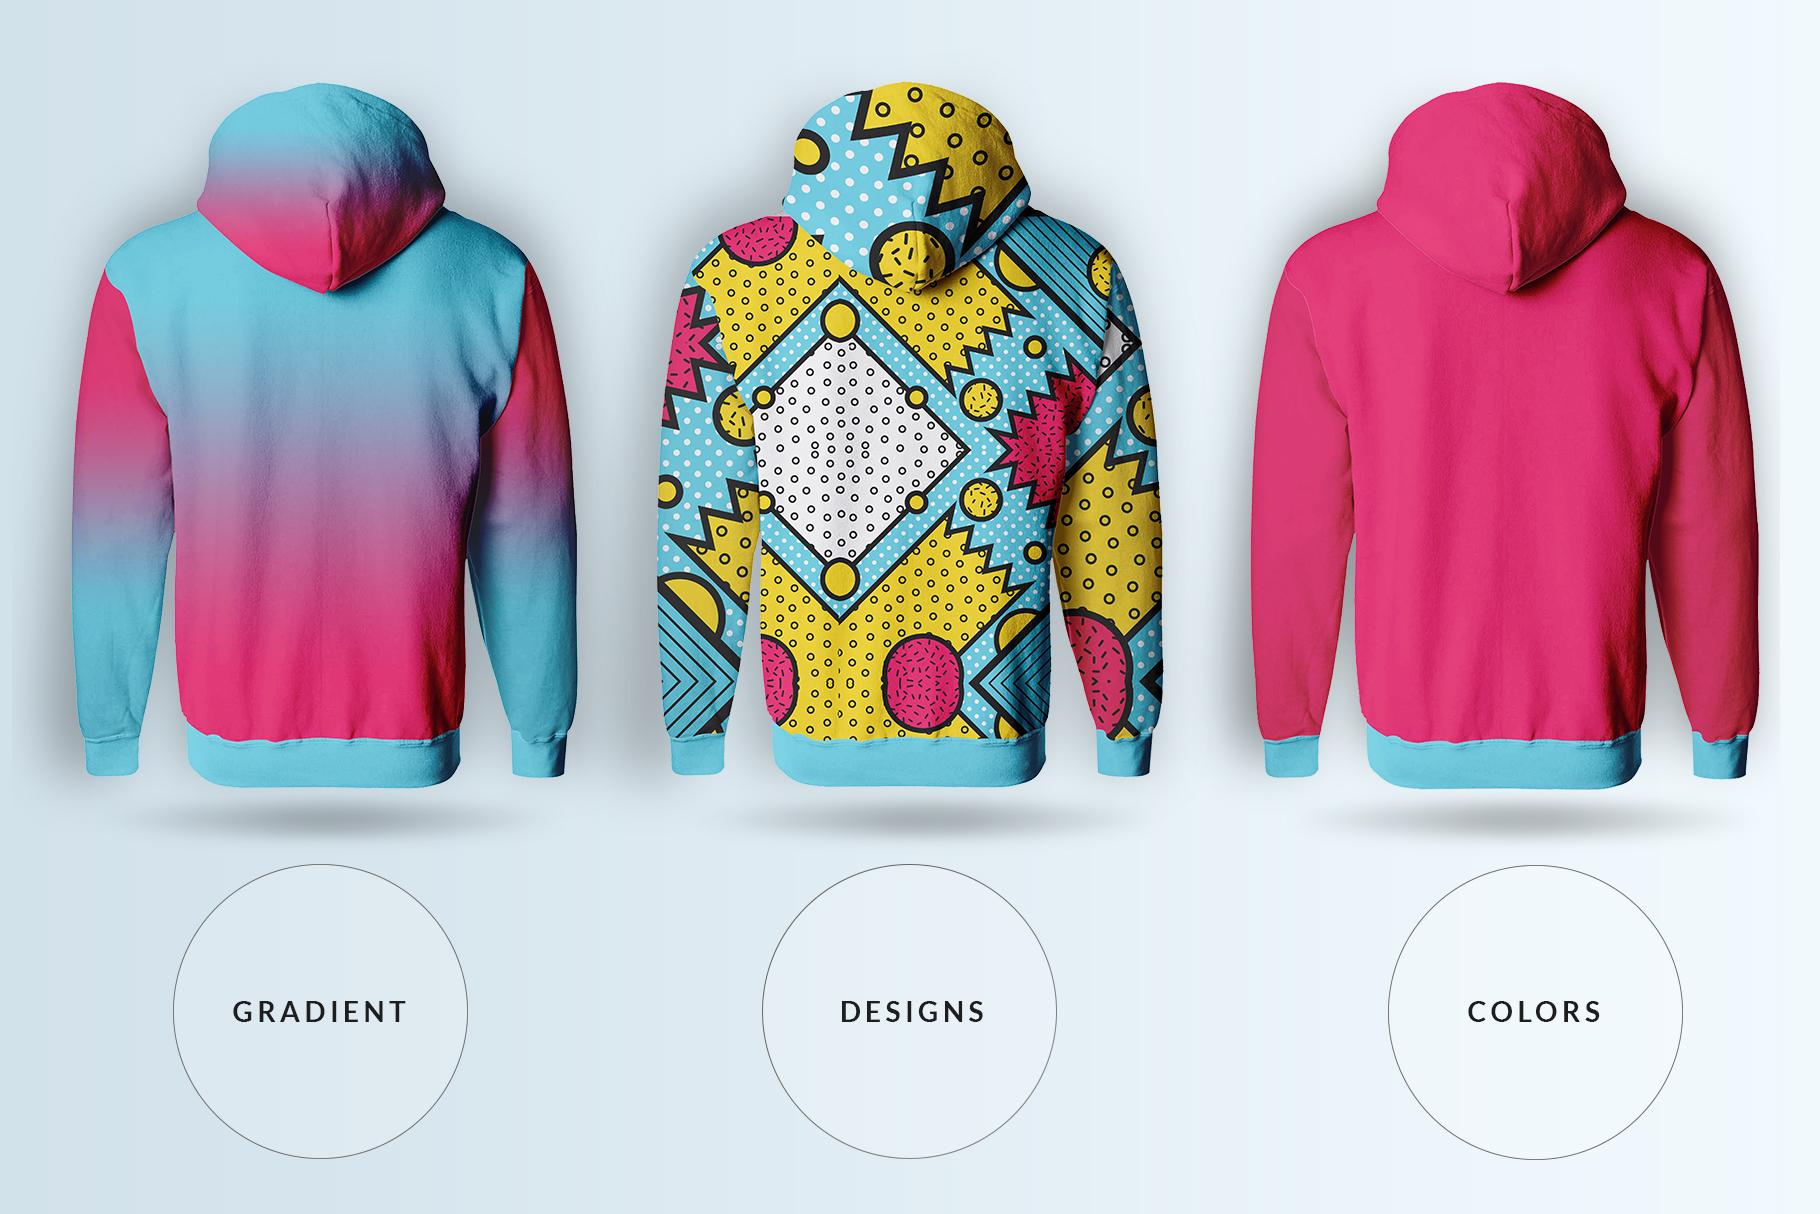 male hoodie sweatshirt mockup image preview 4